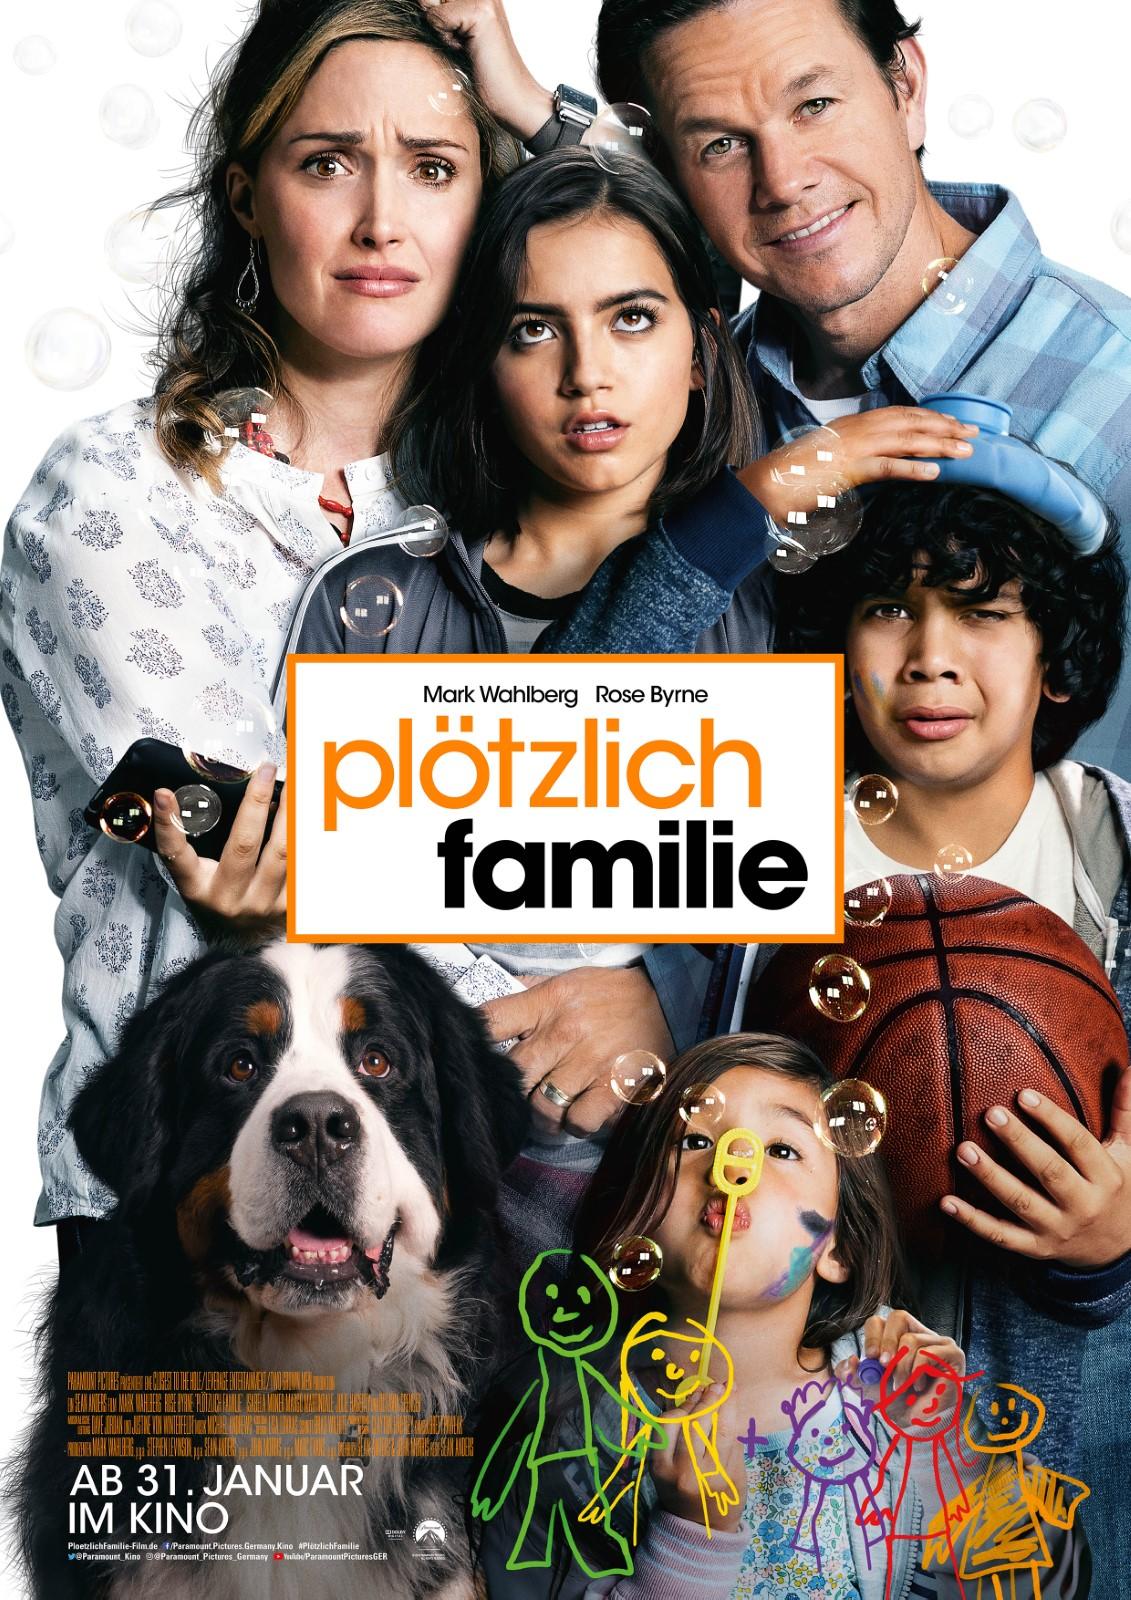 beste familienfilme 2019